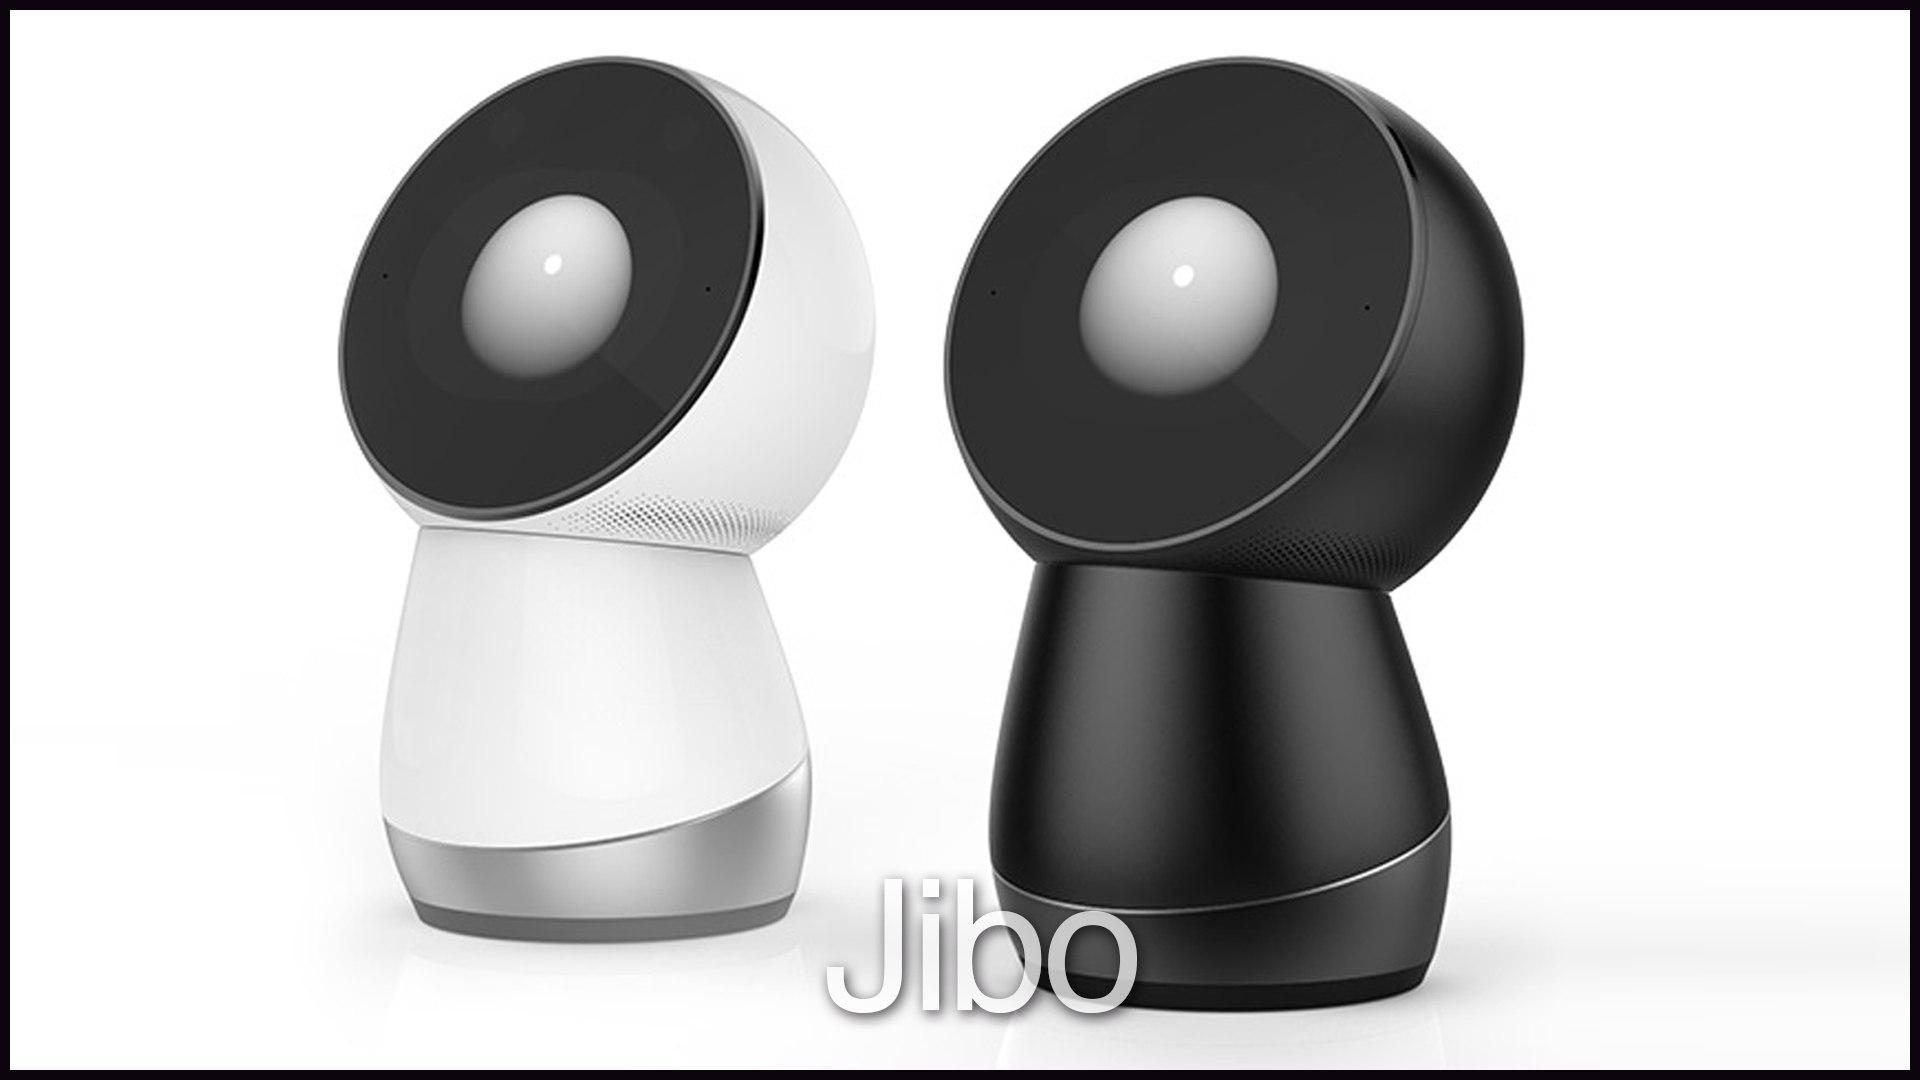 Сравнение голосовых помощников по заявленным функциям и характеристикам (Лекси, Ubi, Ivee, Amazon Echo, Jibo, Cubic)